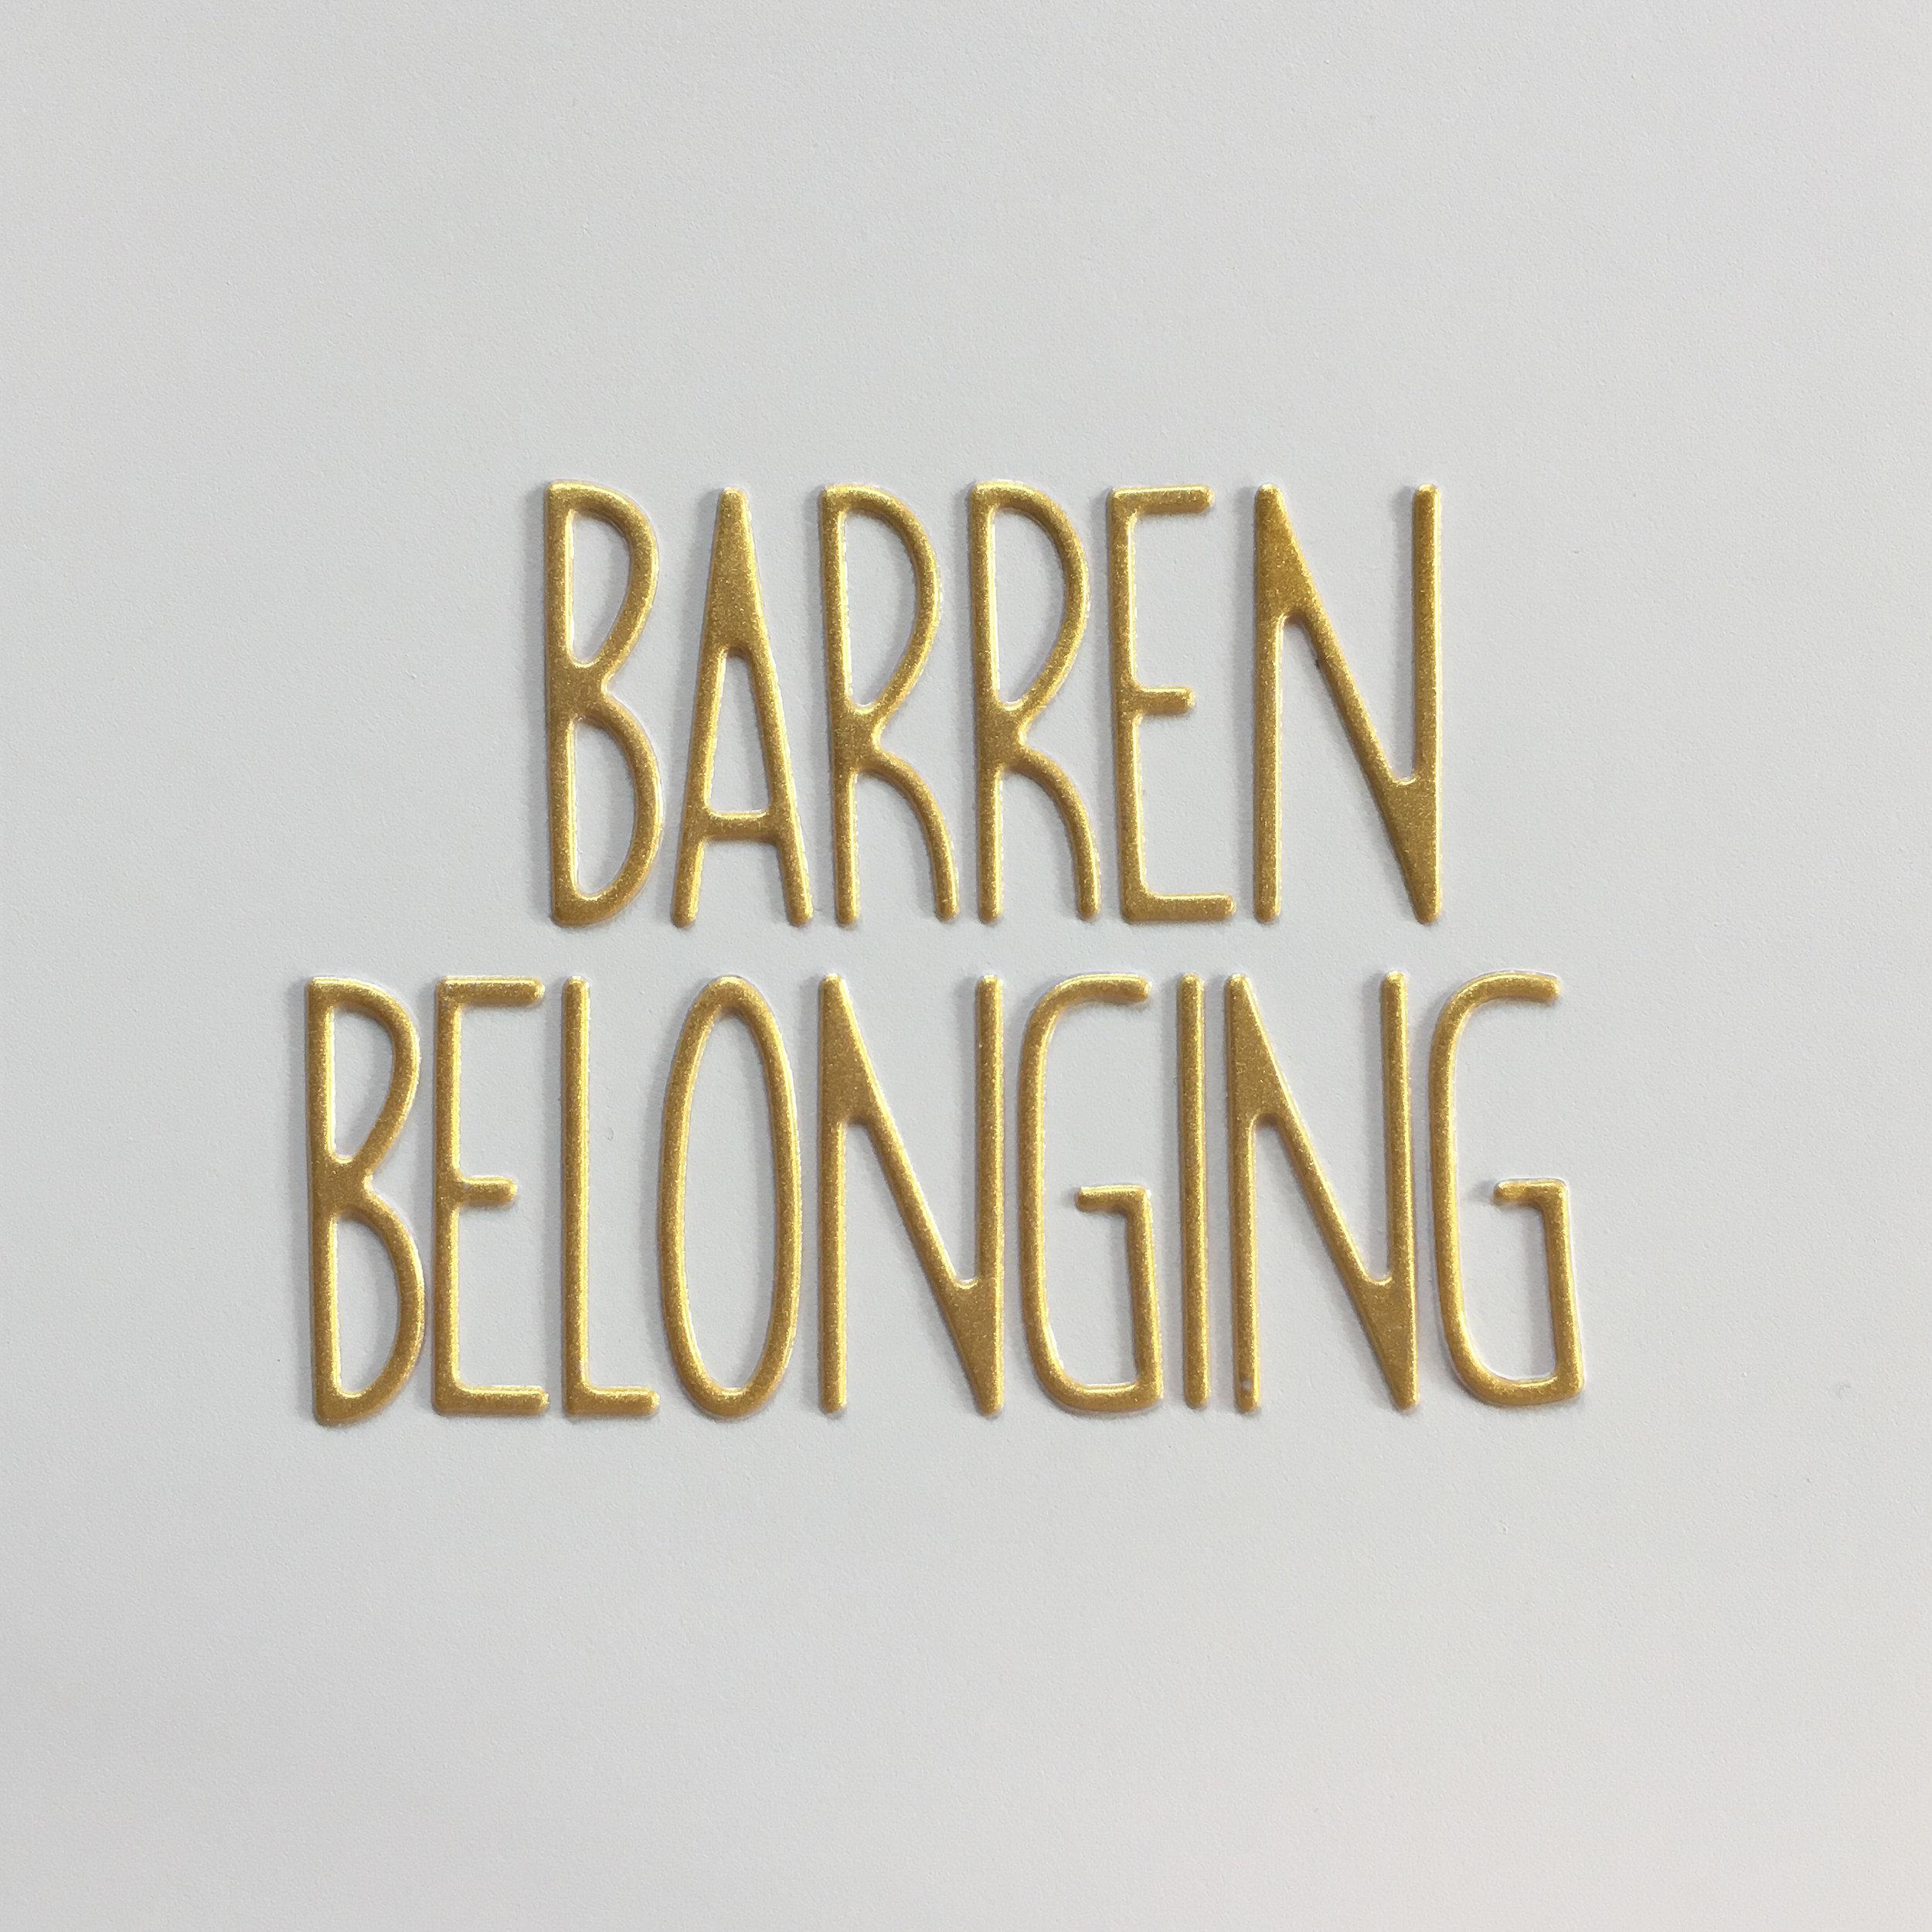 barren belonging.jpg